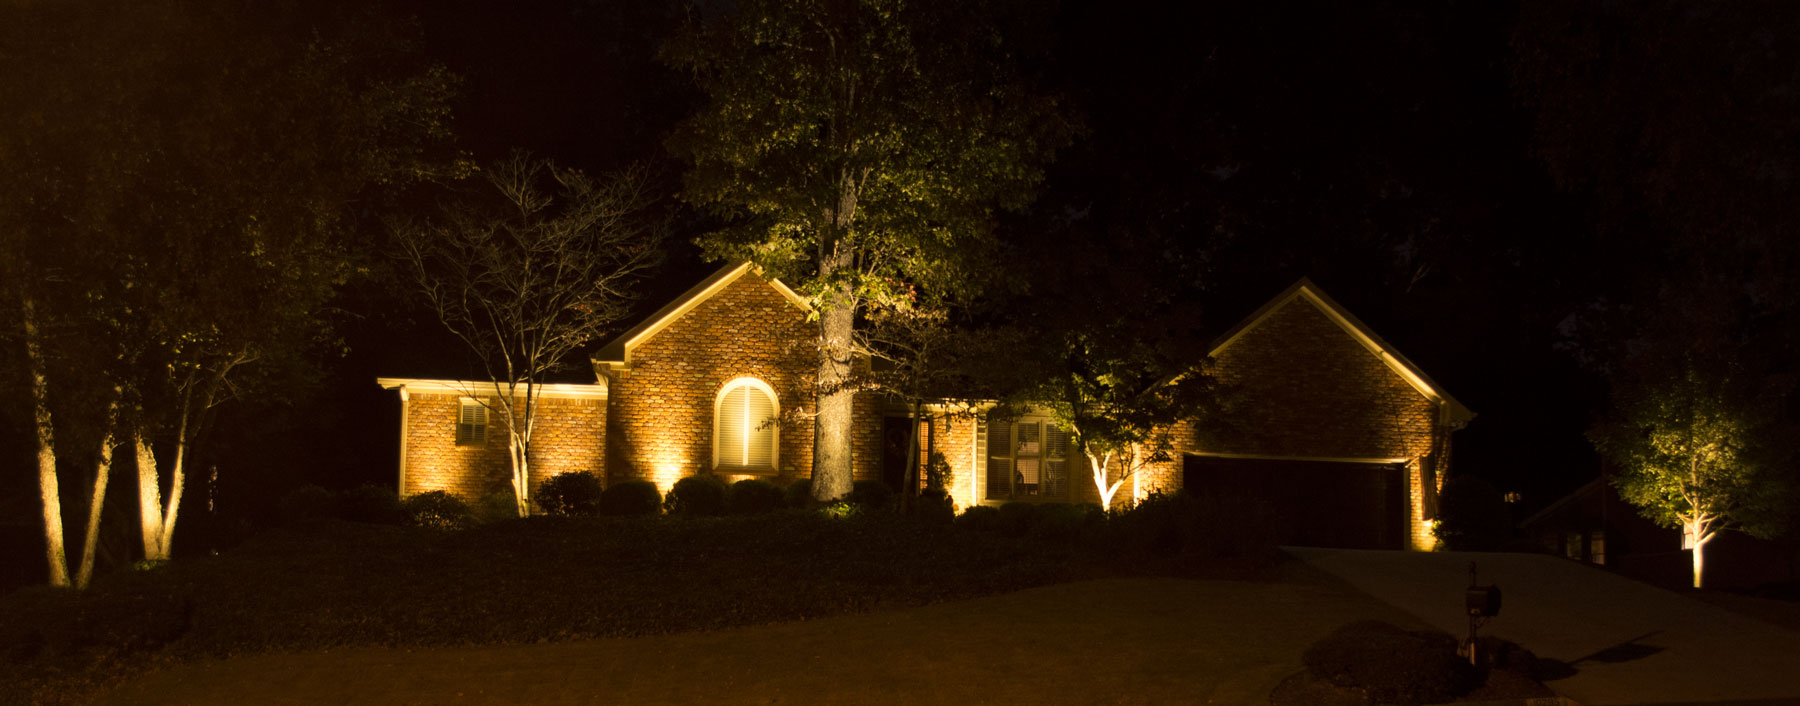 Landscape lighting design gallery atlanta up lights on home and landscape aloadofball Gallery